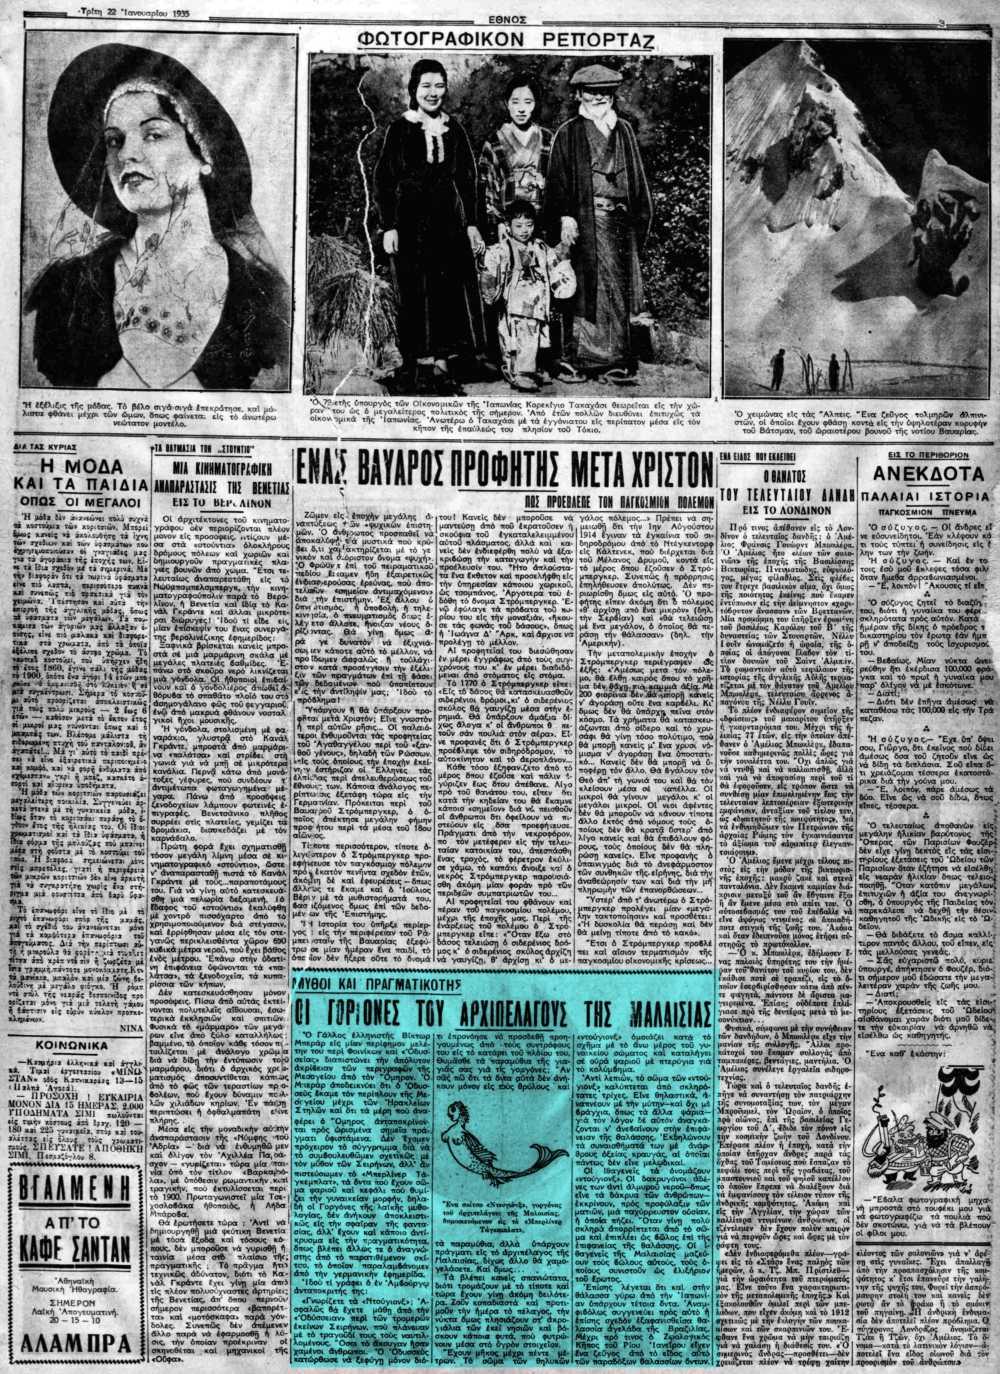 """Το άρθρο, όπως δημοσιεύθηκε στην εφημερίδα """"ΕΘΝΟΣ"""", στις 22/01/1935"""